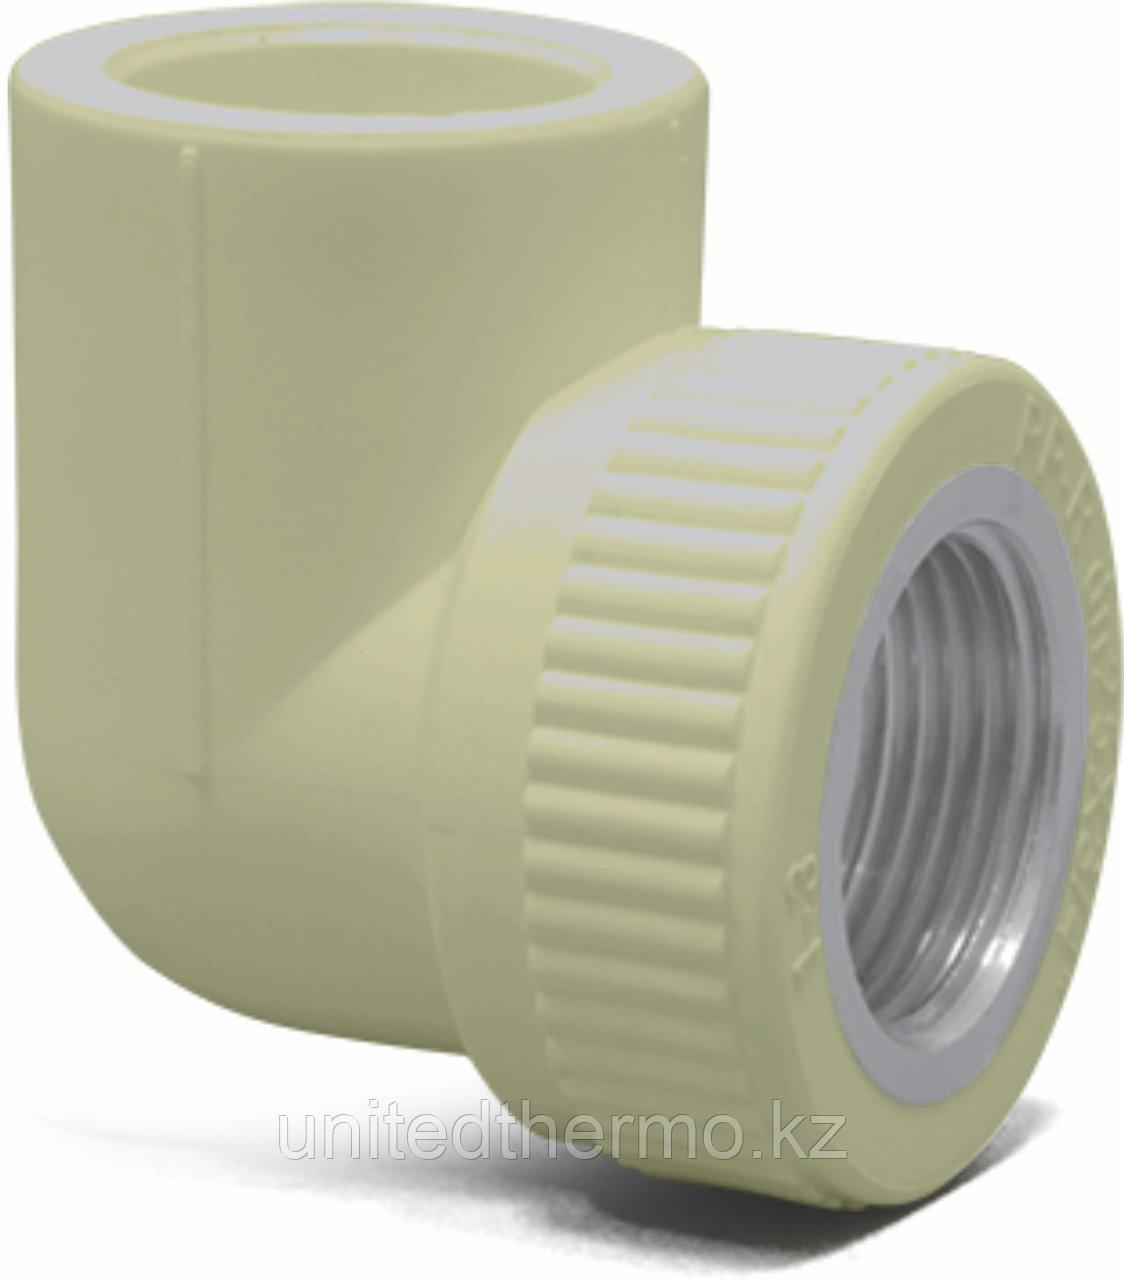 Угол 90° комбинированный ВР 20Х3/4 Fusitek (СЕРЫЙ)